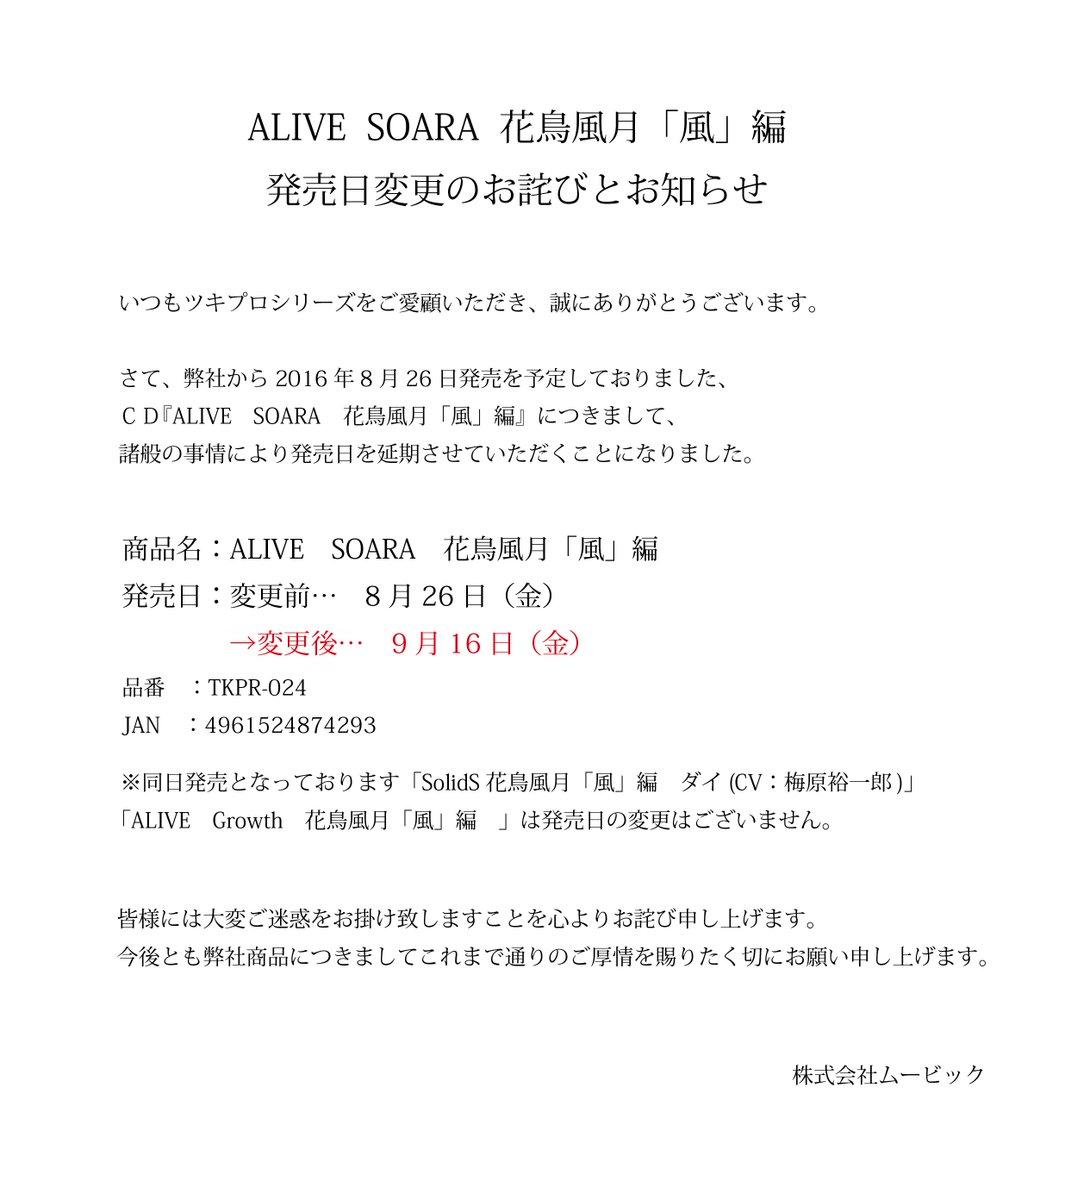 【発売日変更のお詫びとお知らせ】 8/26(金)発売 ALIVE SOARA 花鳥風月「風」編の発売…